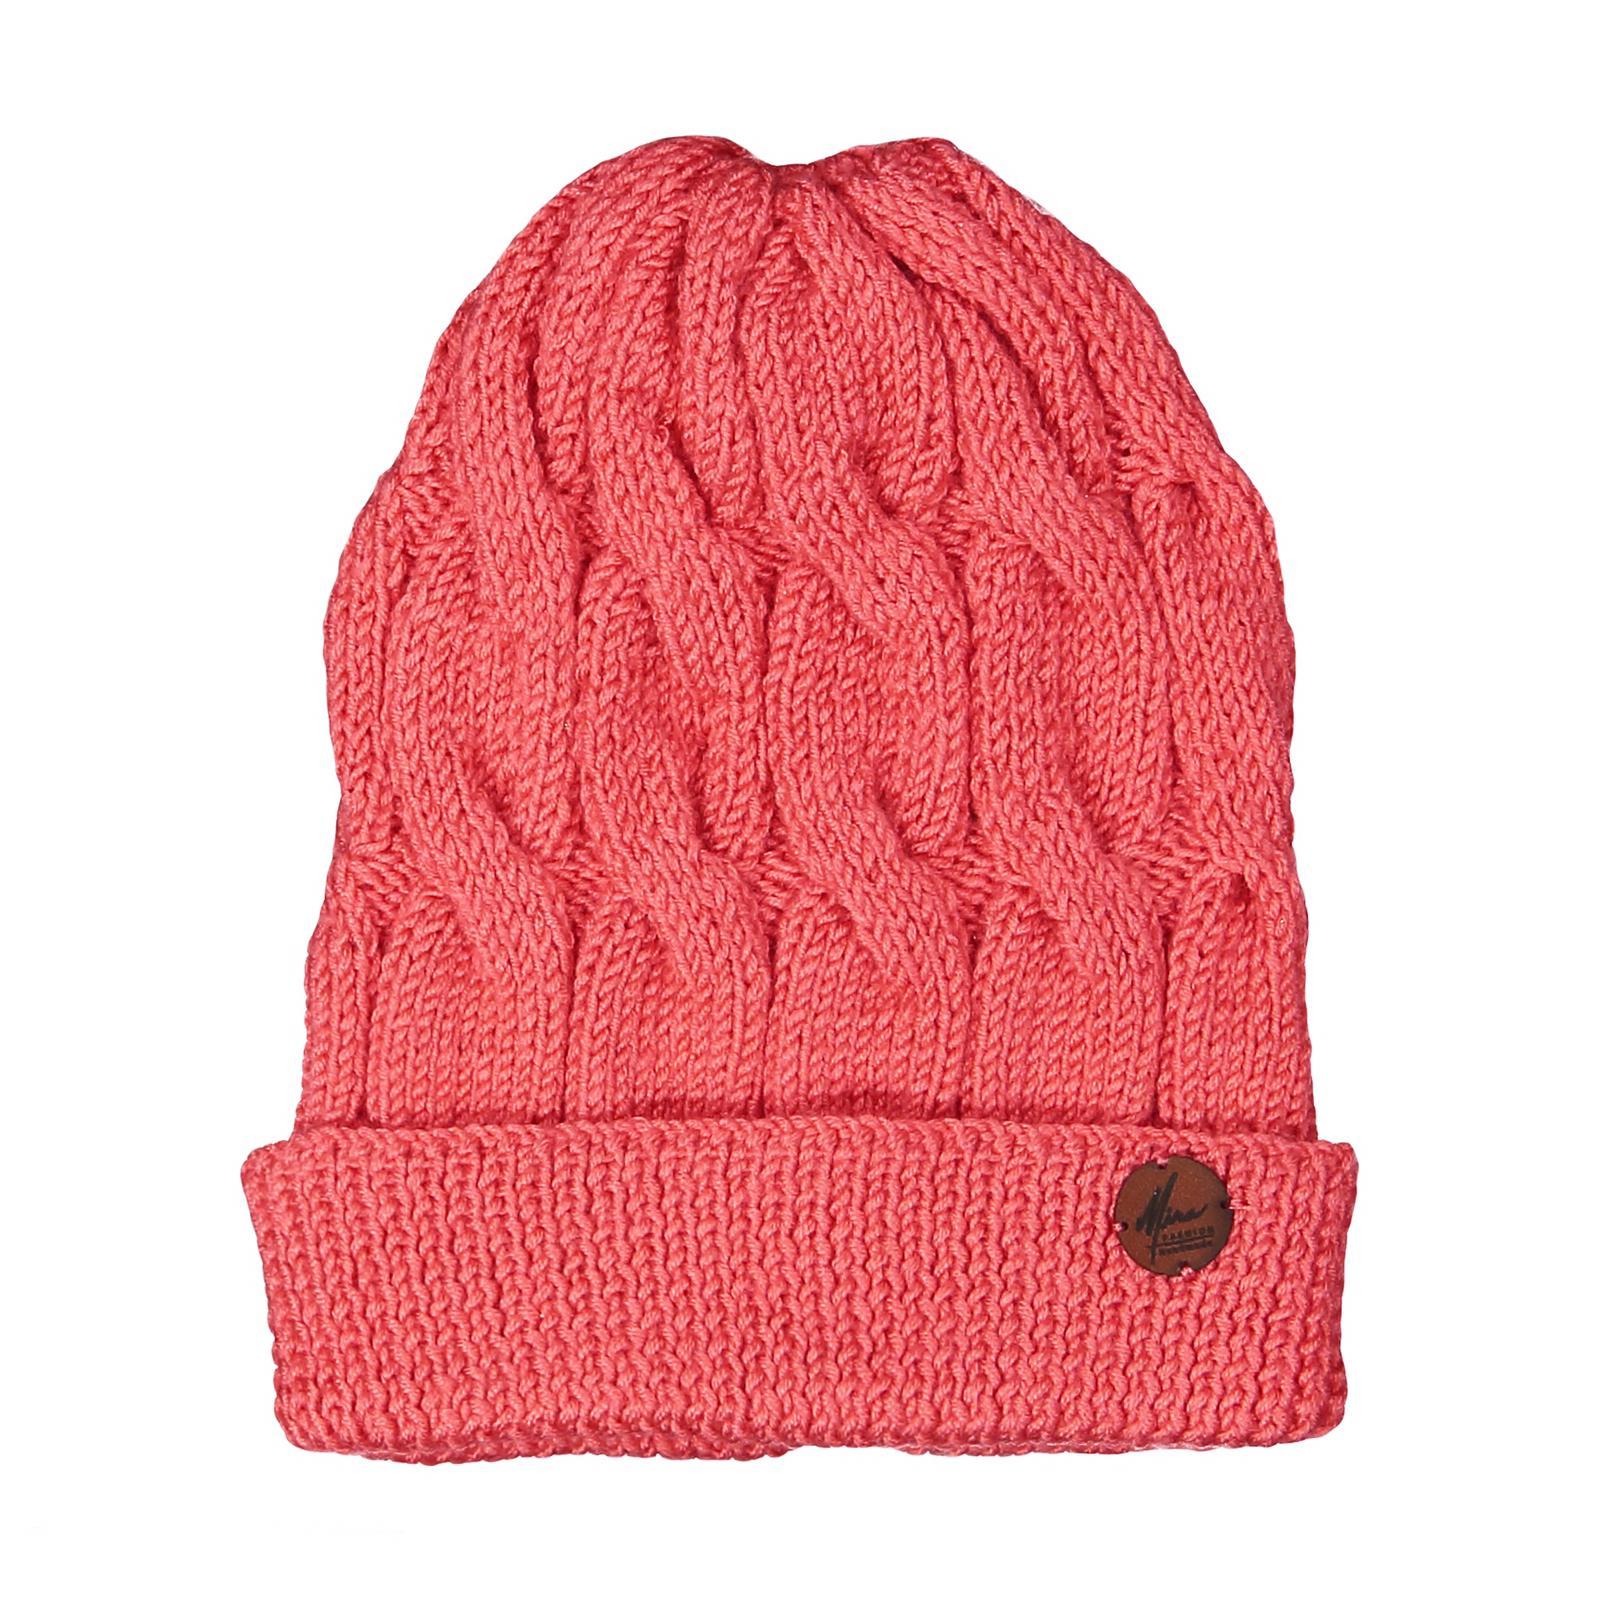 کلاه بافتنی میرافشن مدل Blended